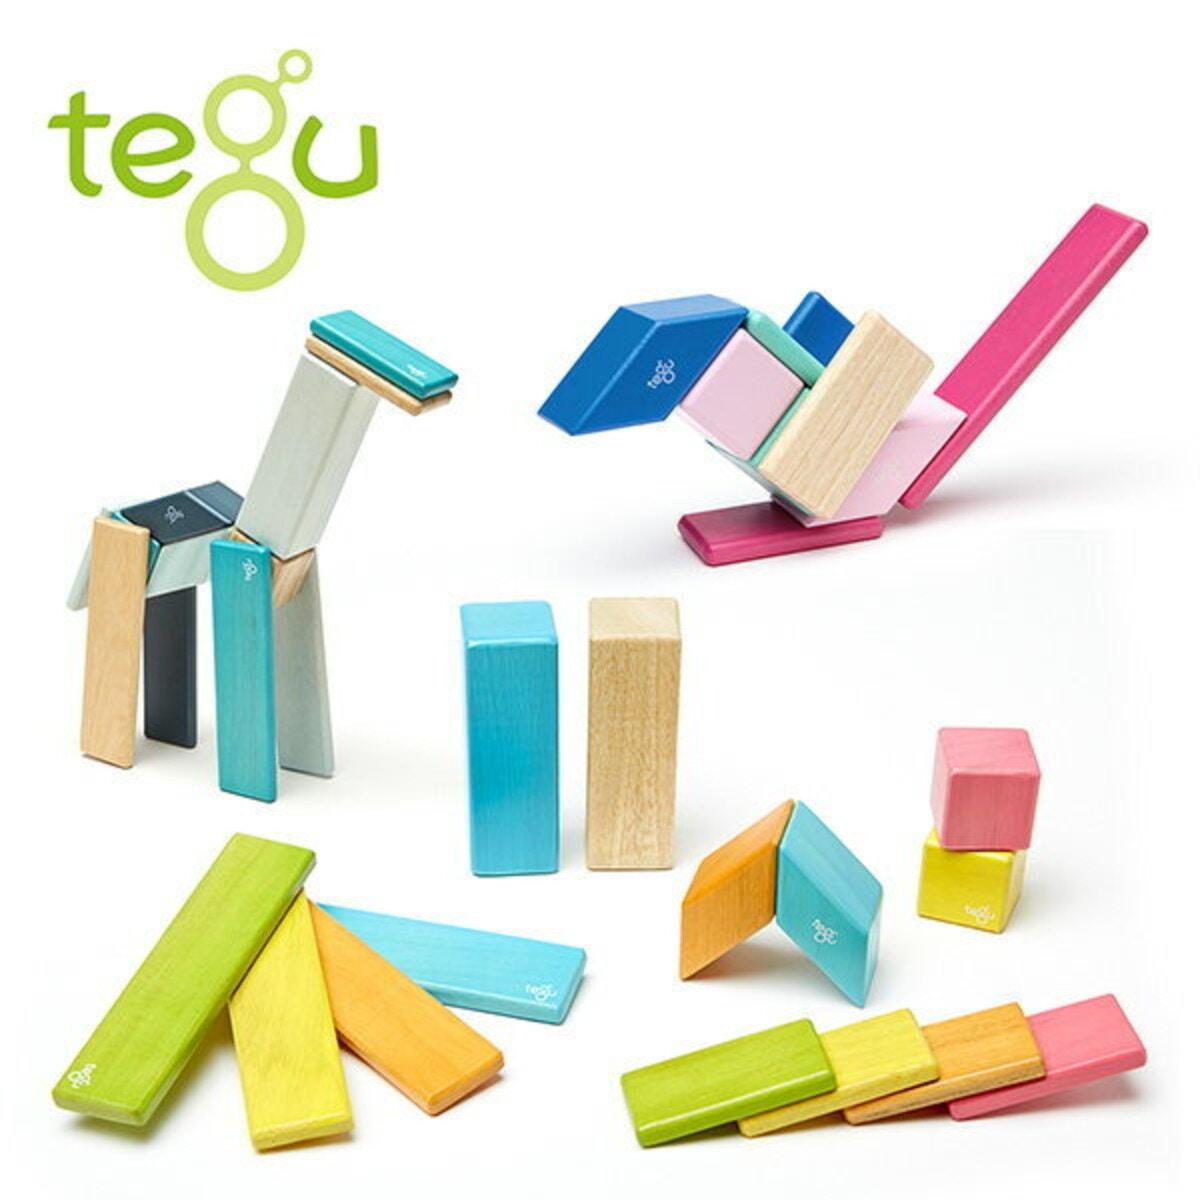 tegu(テグ)「マグネットブロック」